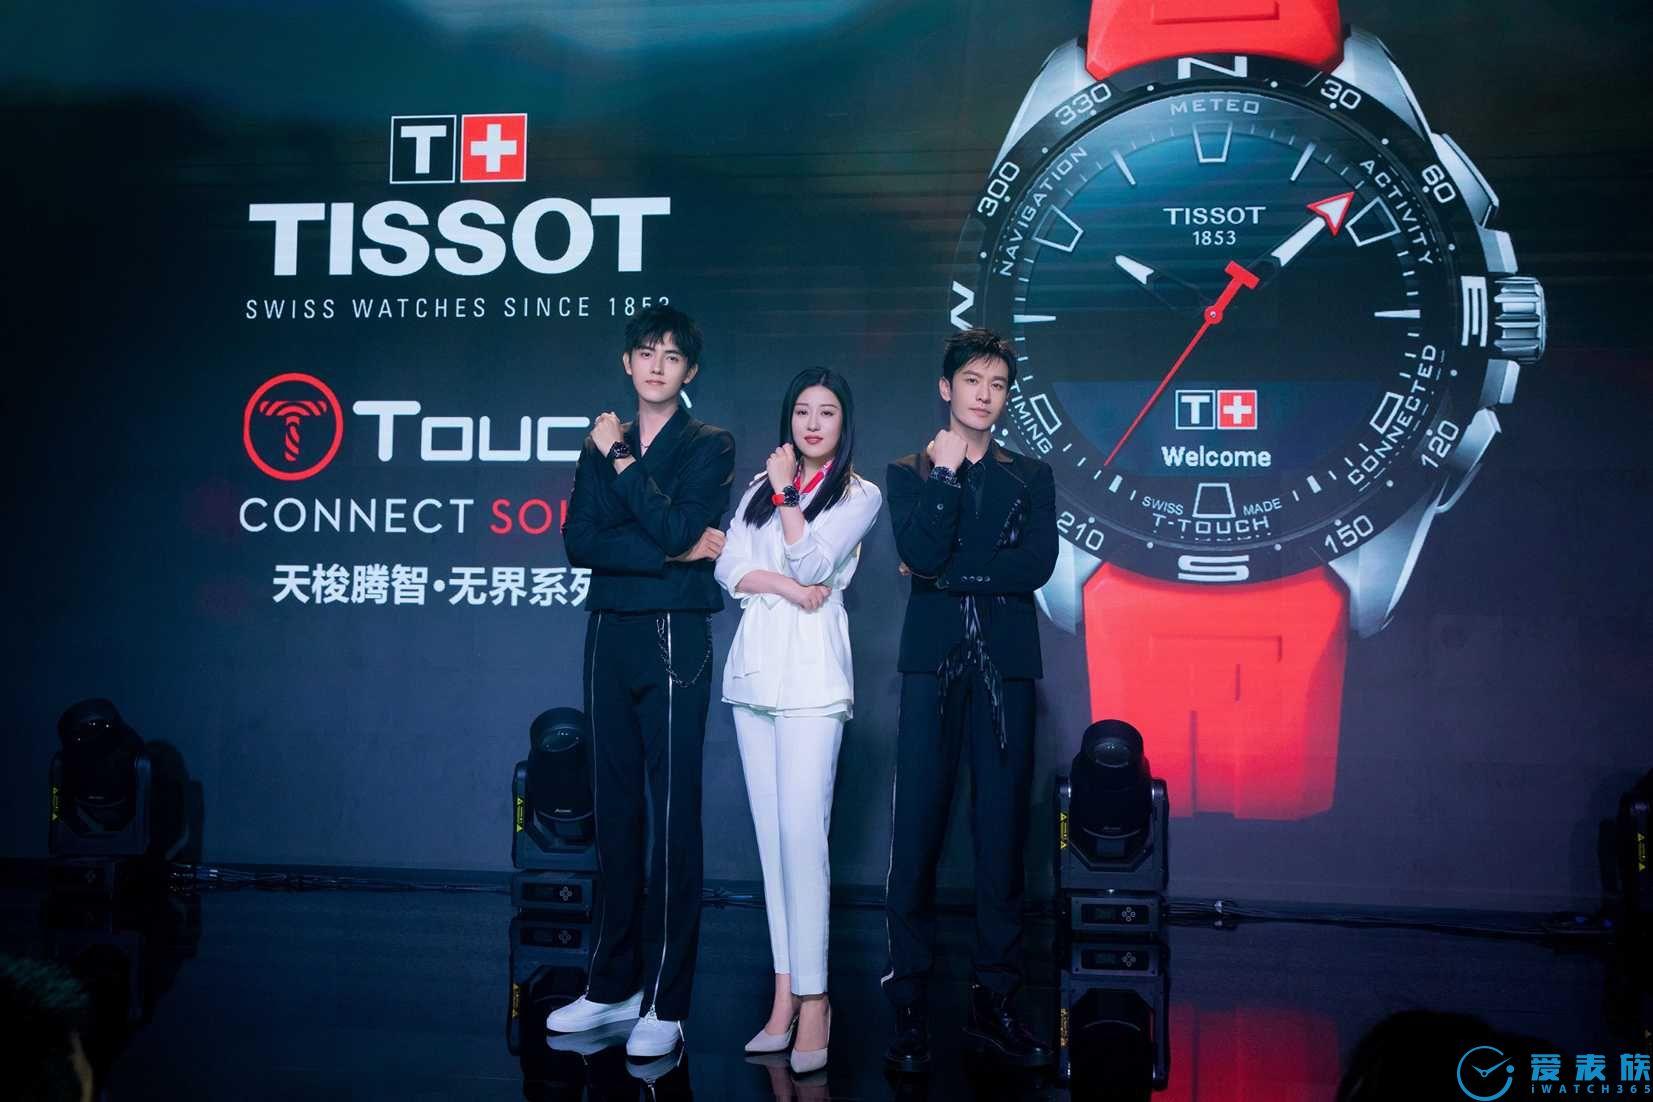 图1:TISSOT天梭表中国区副总裁戴俊珺女士与品牌全球形象代言人黄晓明先生、陈飞宇先生合影